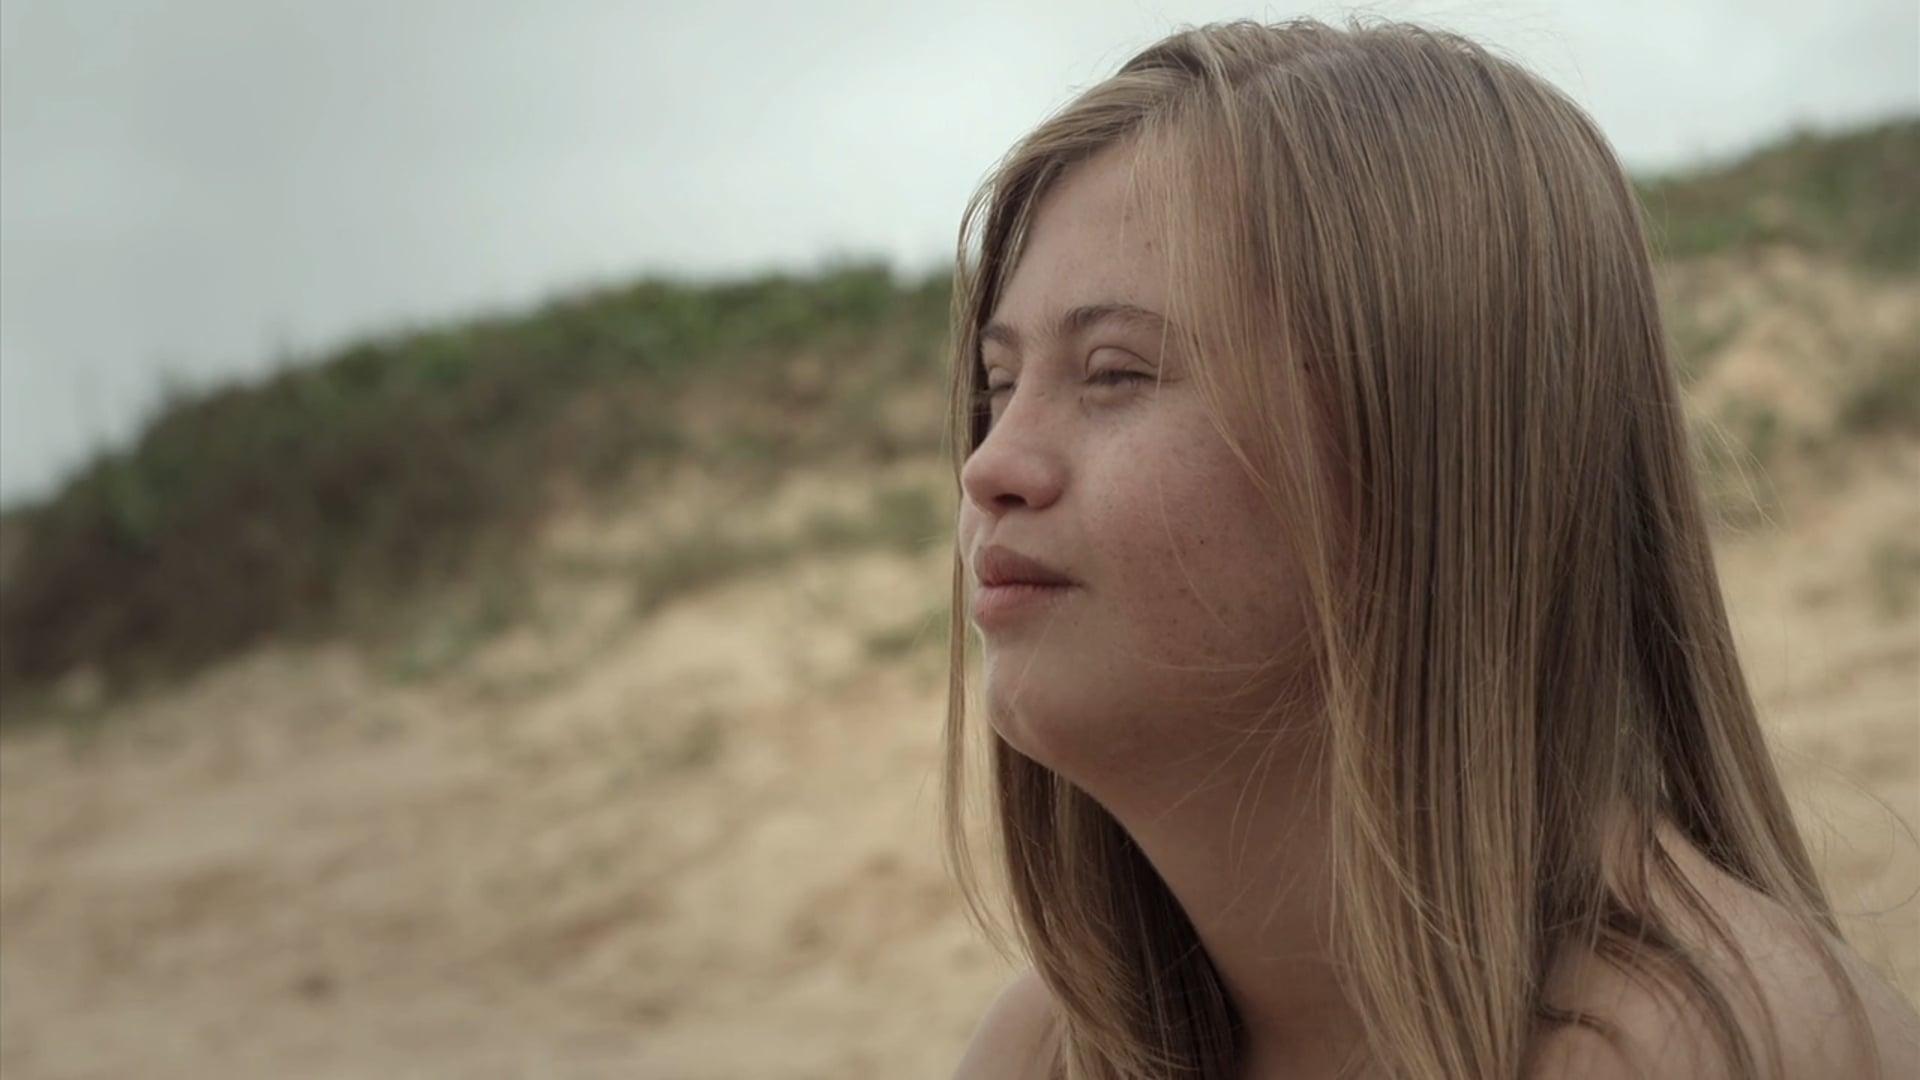 Marina não vai à praia (filme completo, 17 minutos)